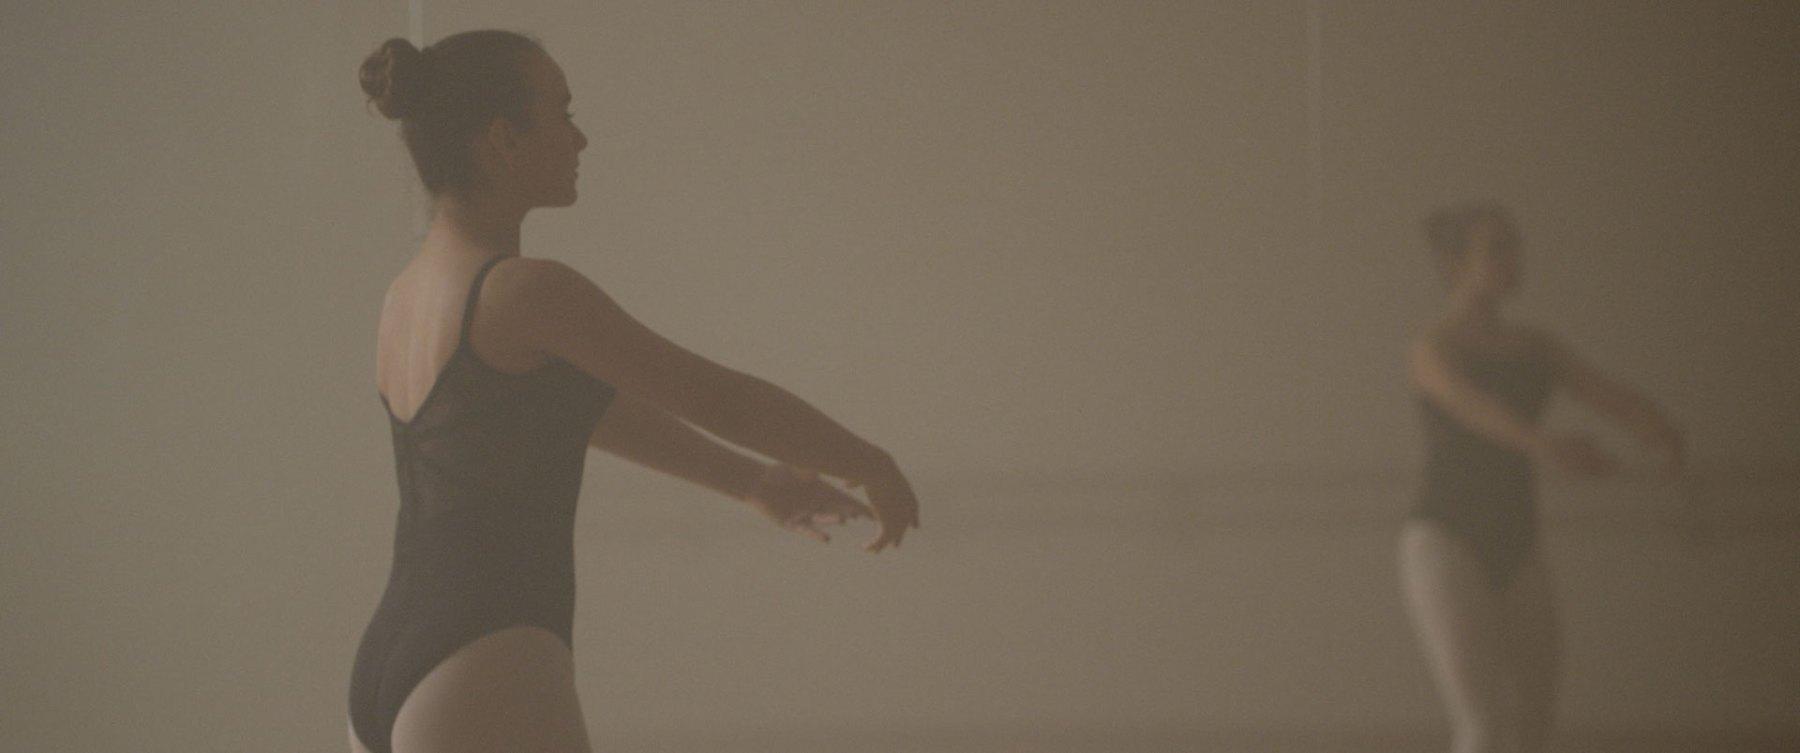 Colour Correcting a Ballet (Ungraded) - Colour Grading London